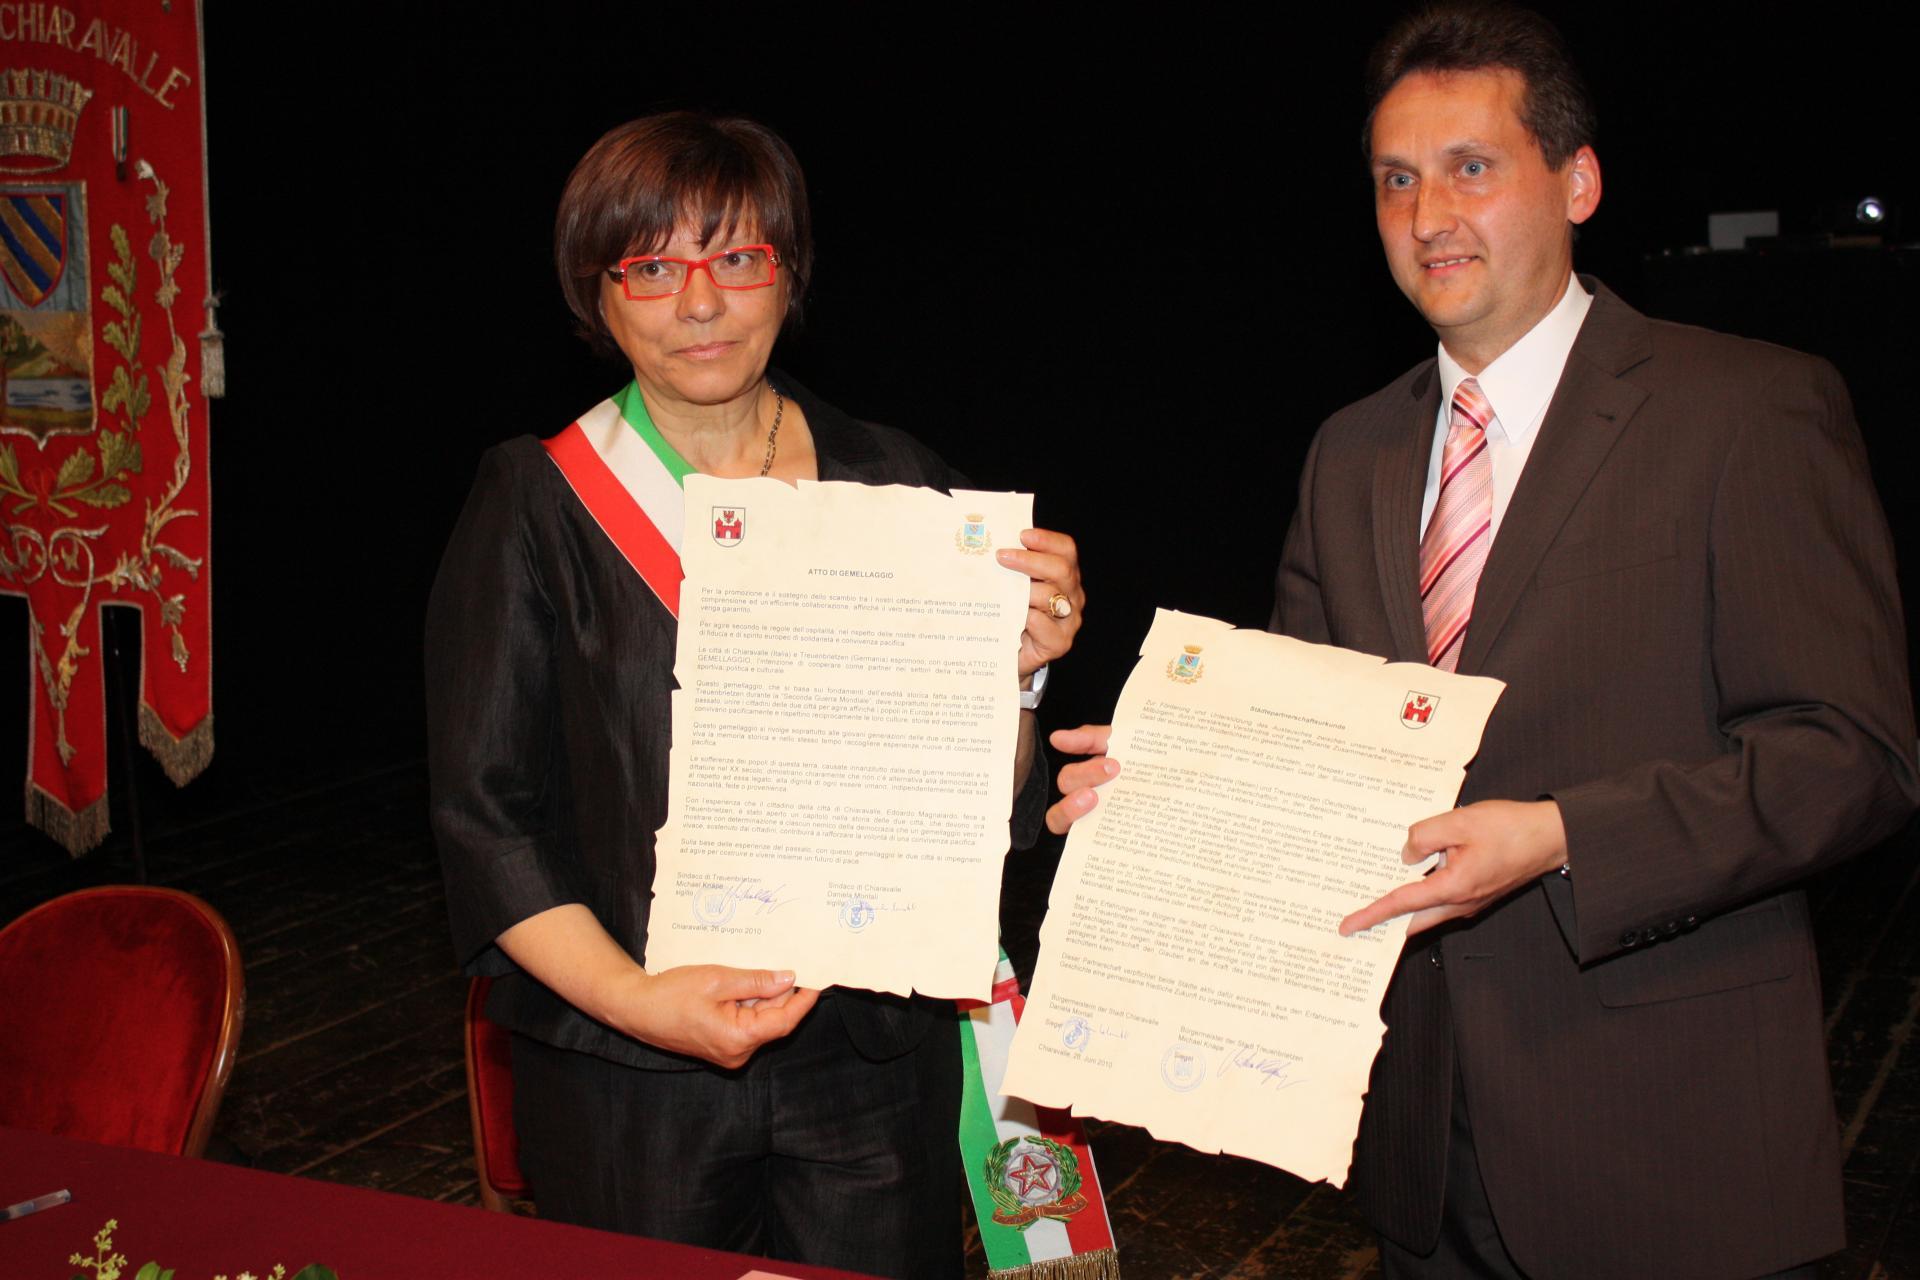 Chiaravalle_Unterzeichnung der Städtpartnerschaftsurkunde (Foto: Stadtverwaltung Treuenbrietzen)